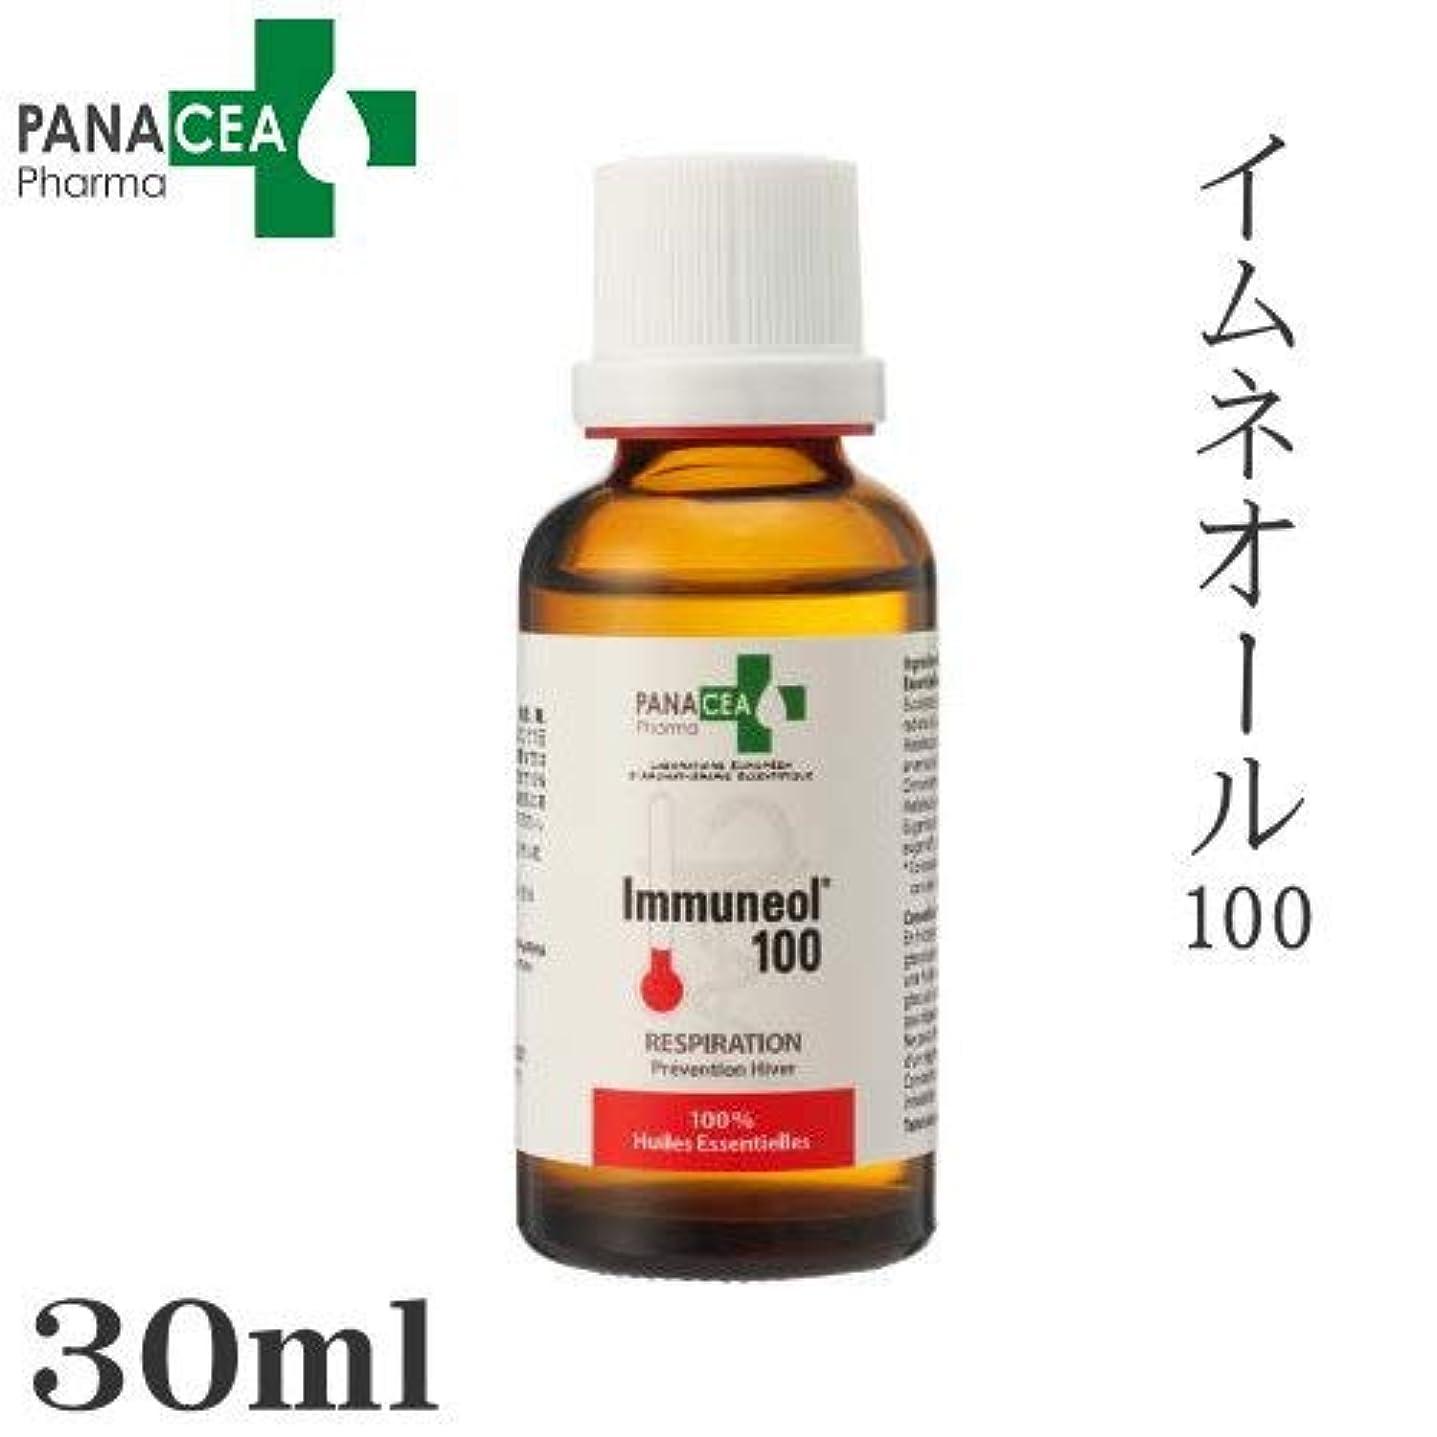 開梱よりインカ帝国PANACEA PHARMA パナセア ファルマイムネオール100 正規品